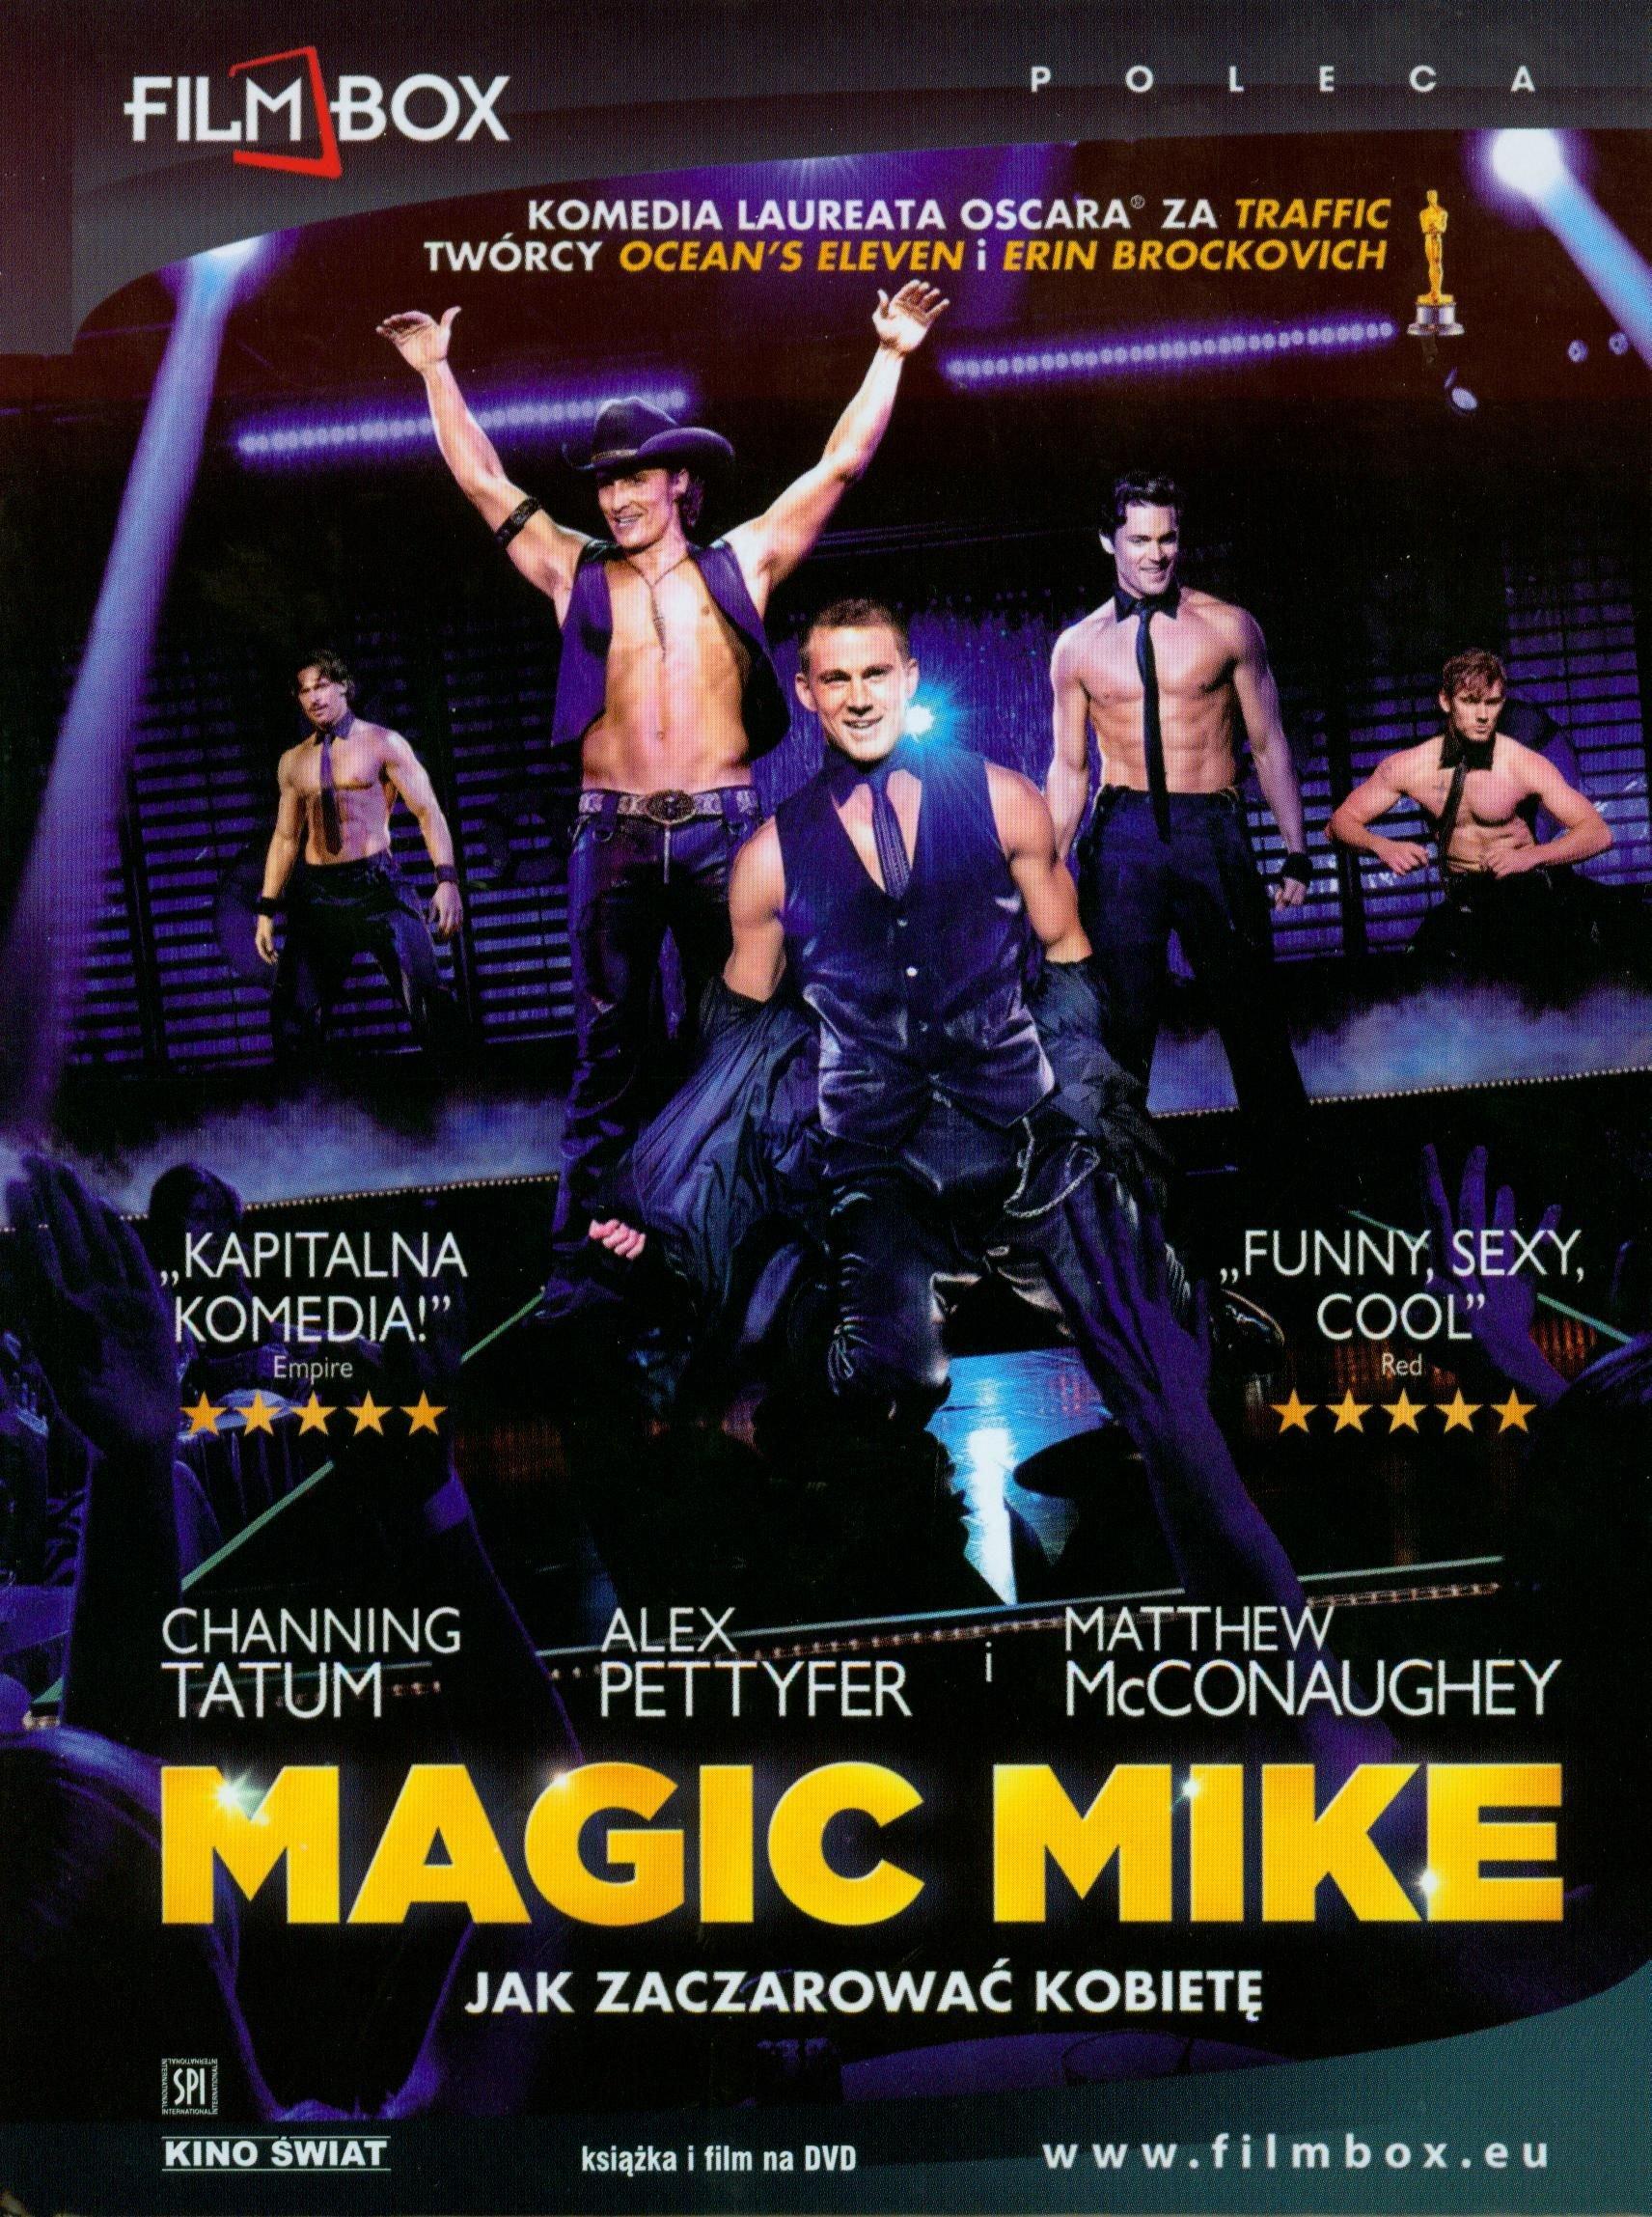 Magic Mike: Jak zaczarowac kobiete